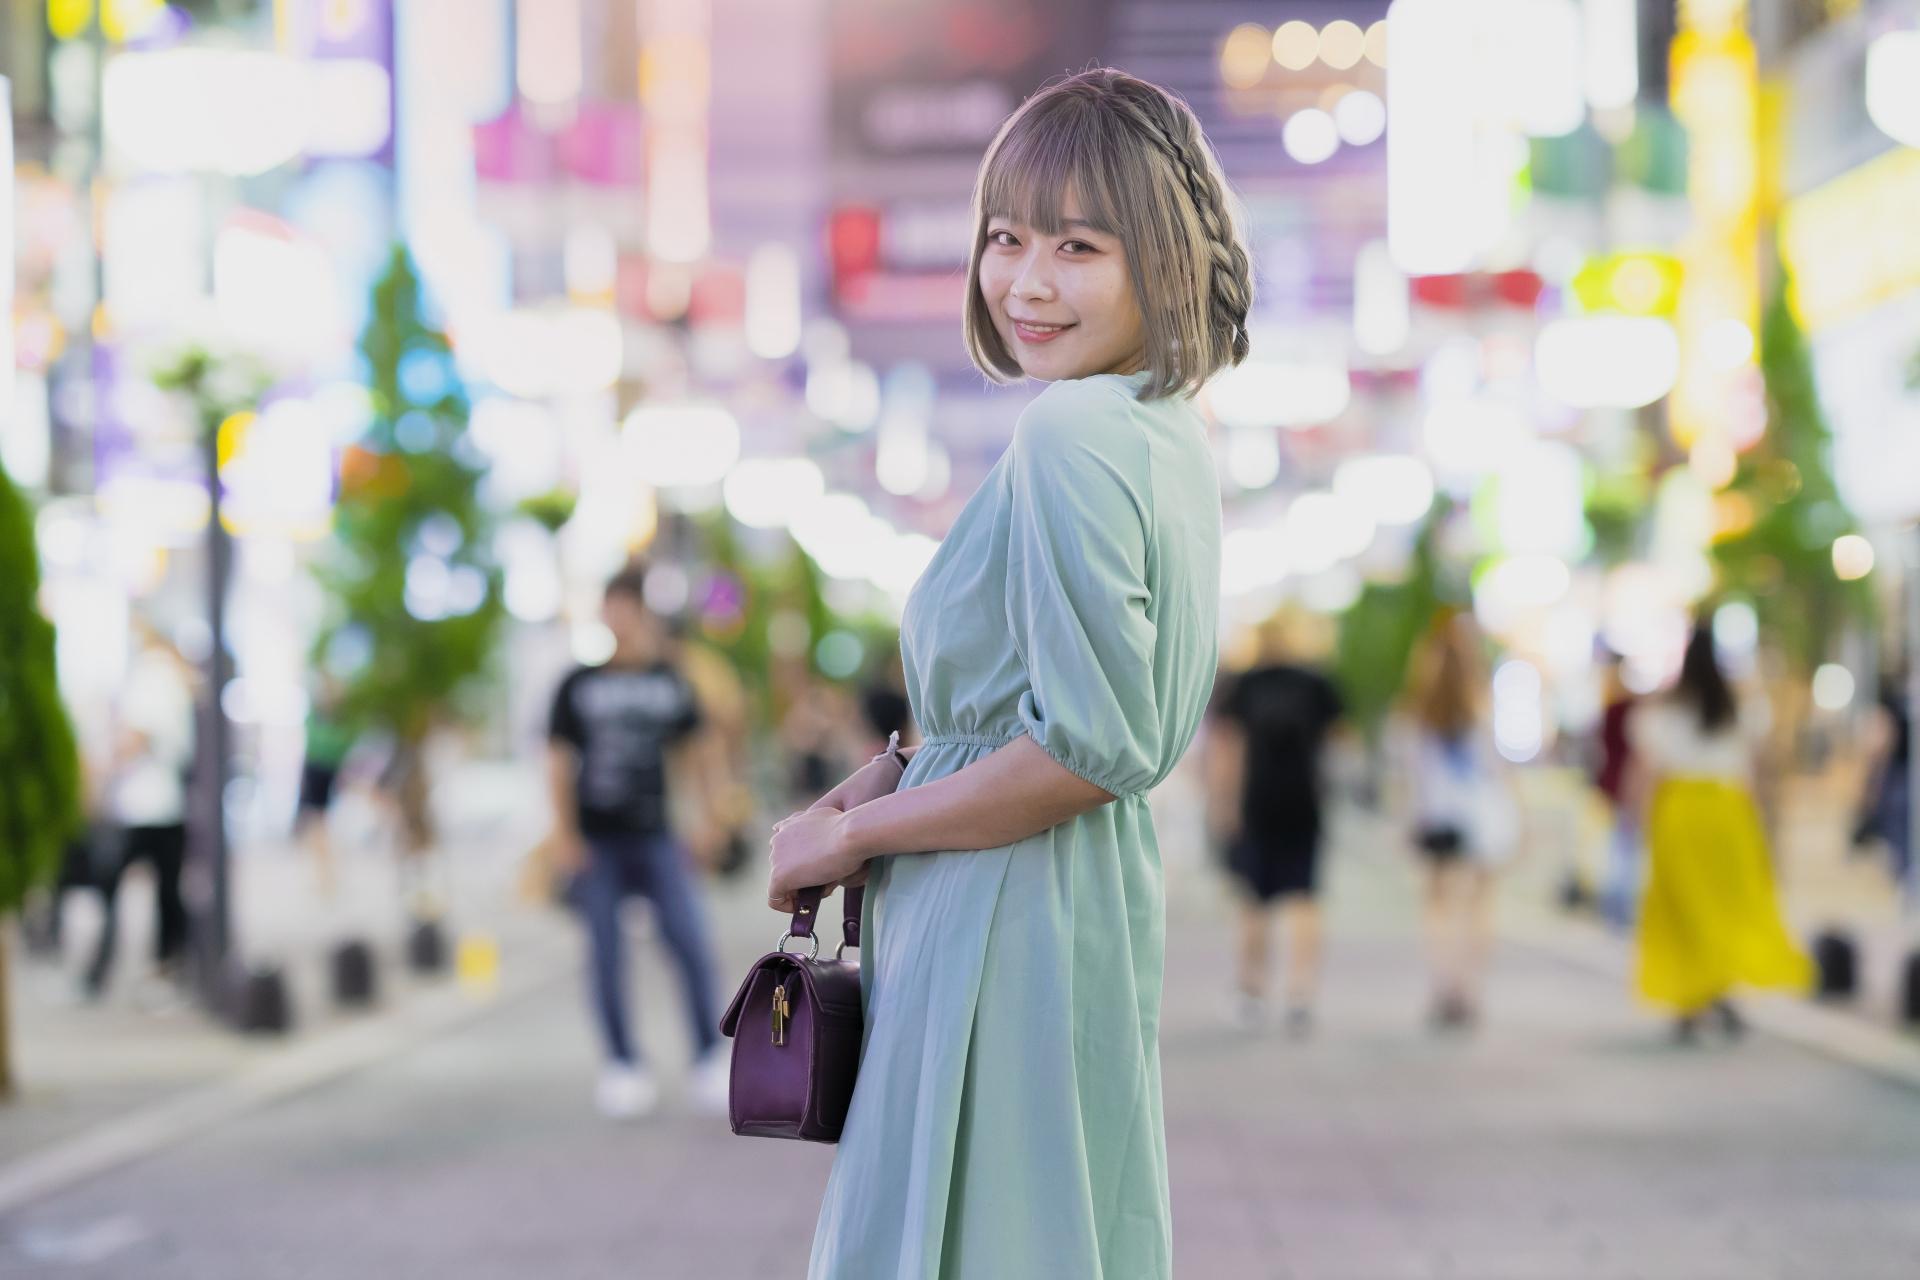 【北新地エリア】指名につなげやすい女の子の特徴